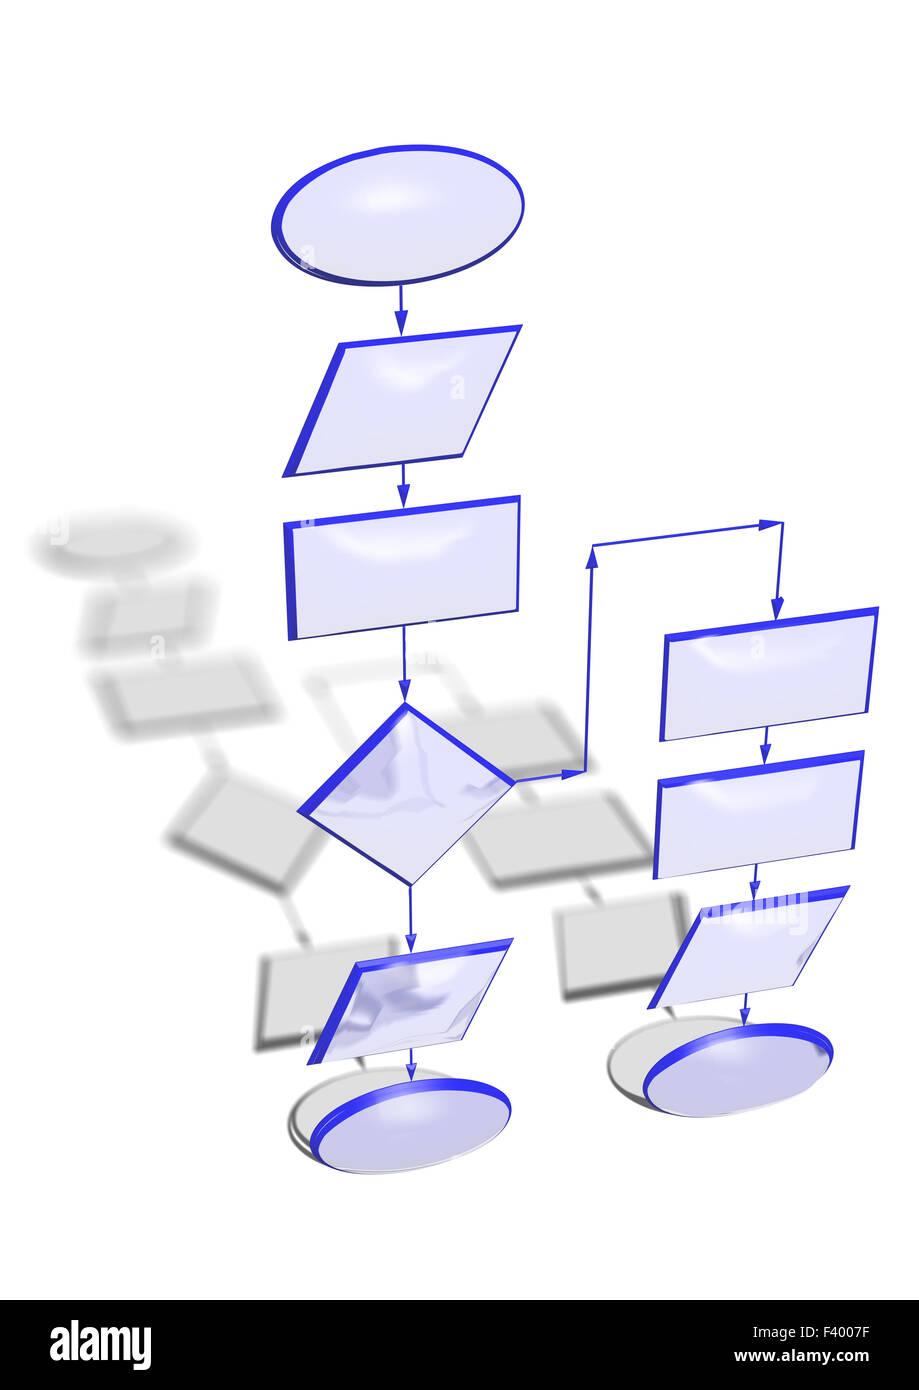 Diagrama de flujo de vaco foto imagen de stock 88510675 alamy diagrama de flujo de vaco ccuart Image collections